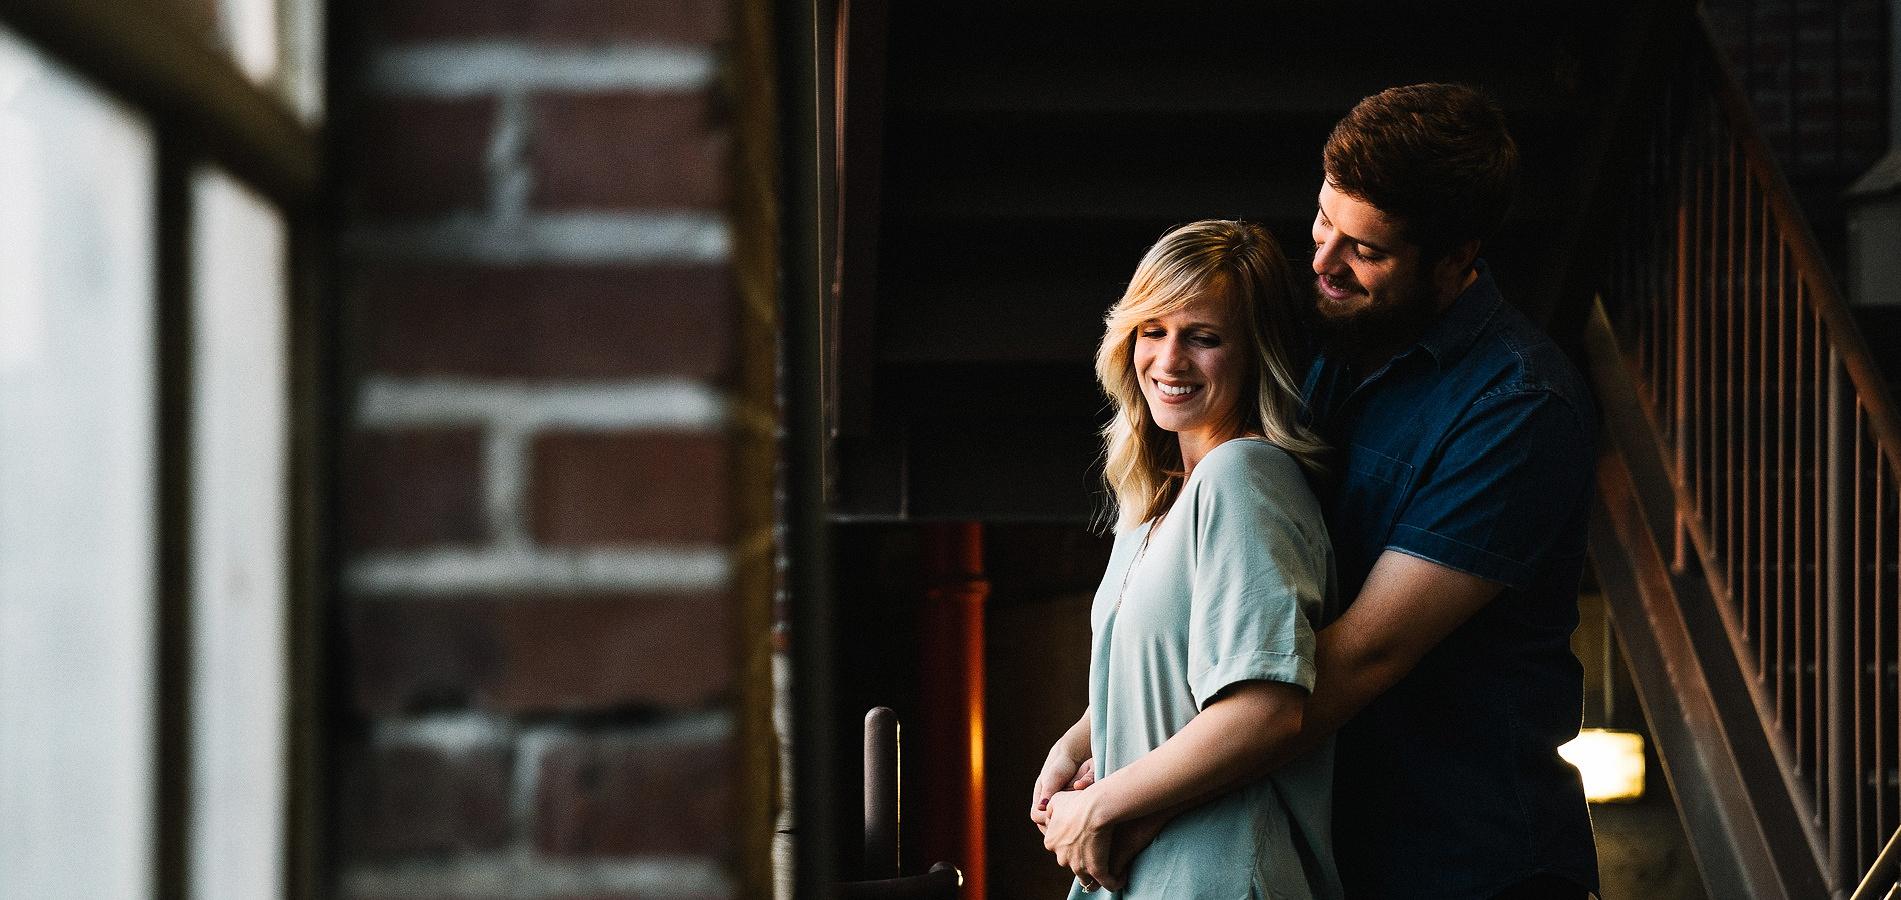 Apsikabinusios poros komfortabilioje aplinkoje didelė nuotrauka